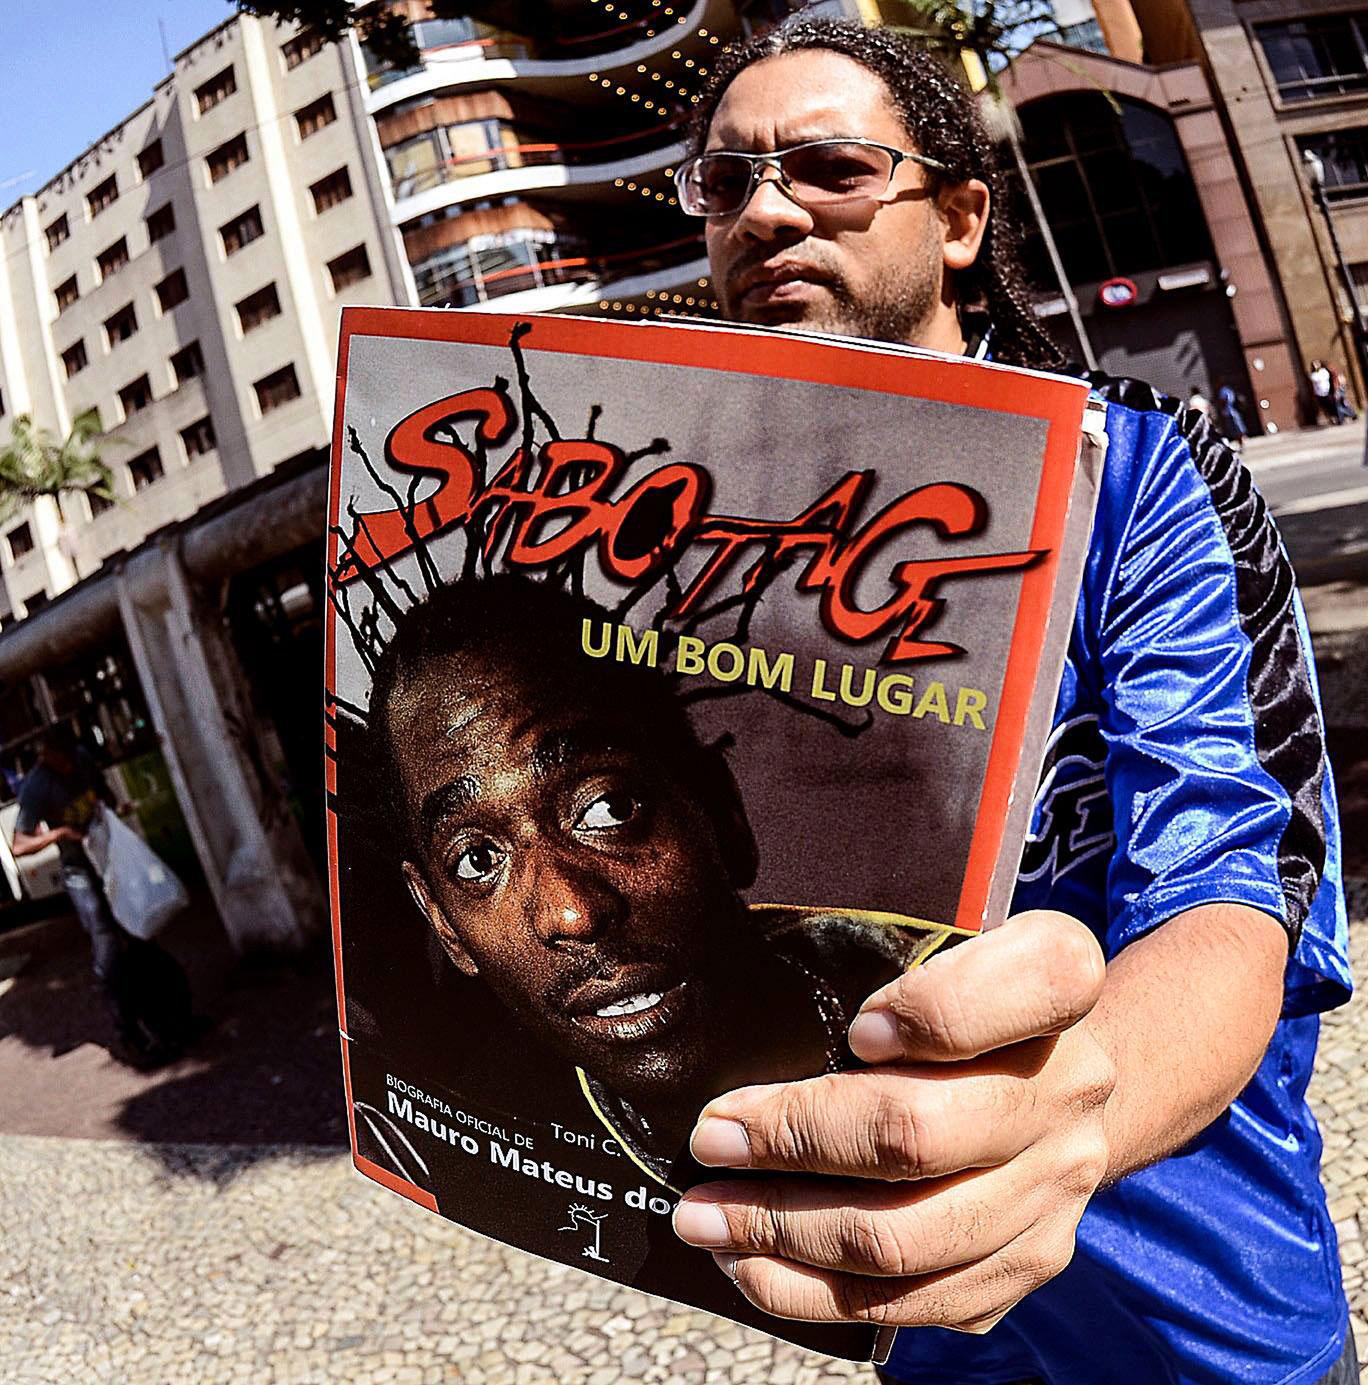 Toni C., autor da biografia de Sabotage. (Foto Marcio Salata/Divulgação)